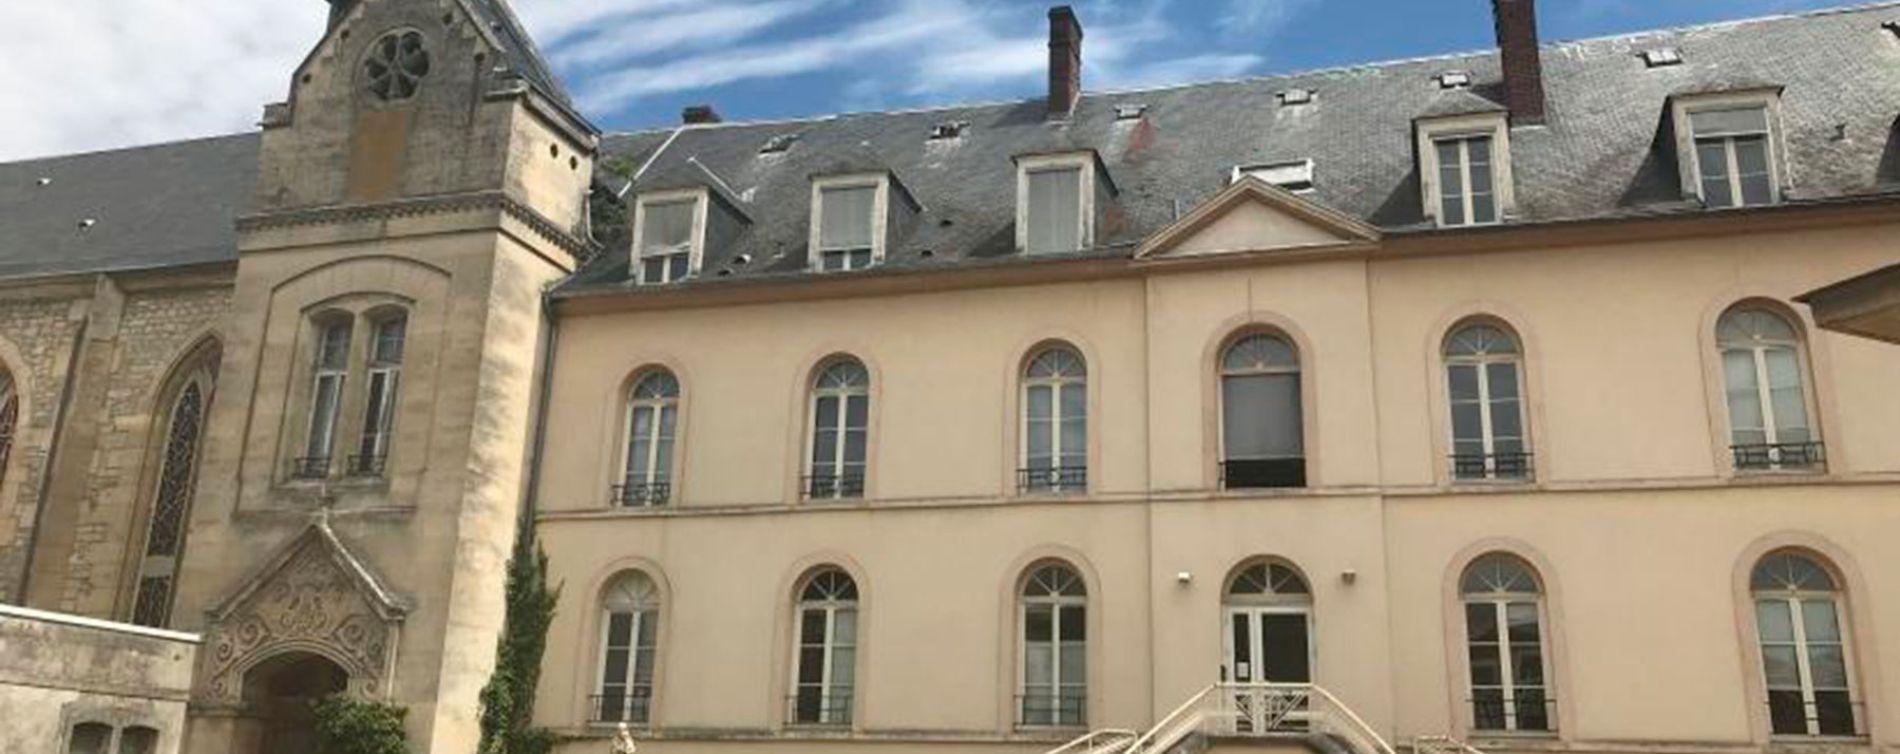 Senlis : programme immobilier neuve « Saint-Joseph » (3)